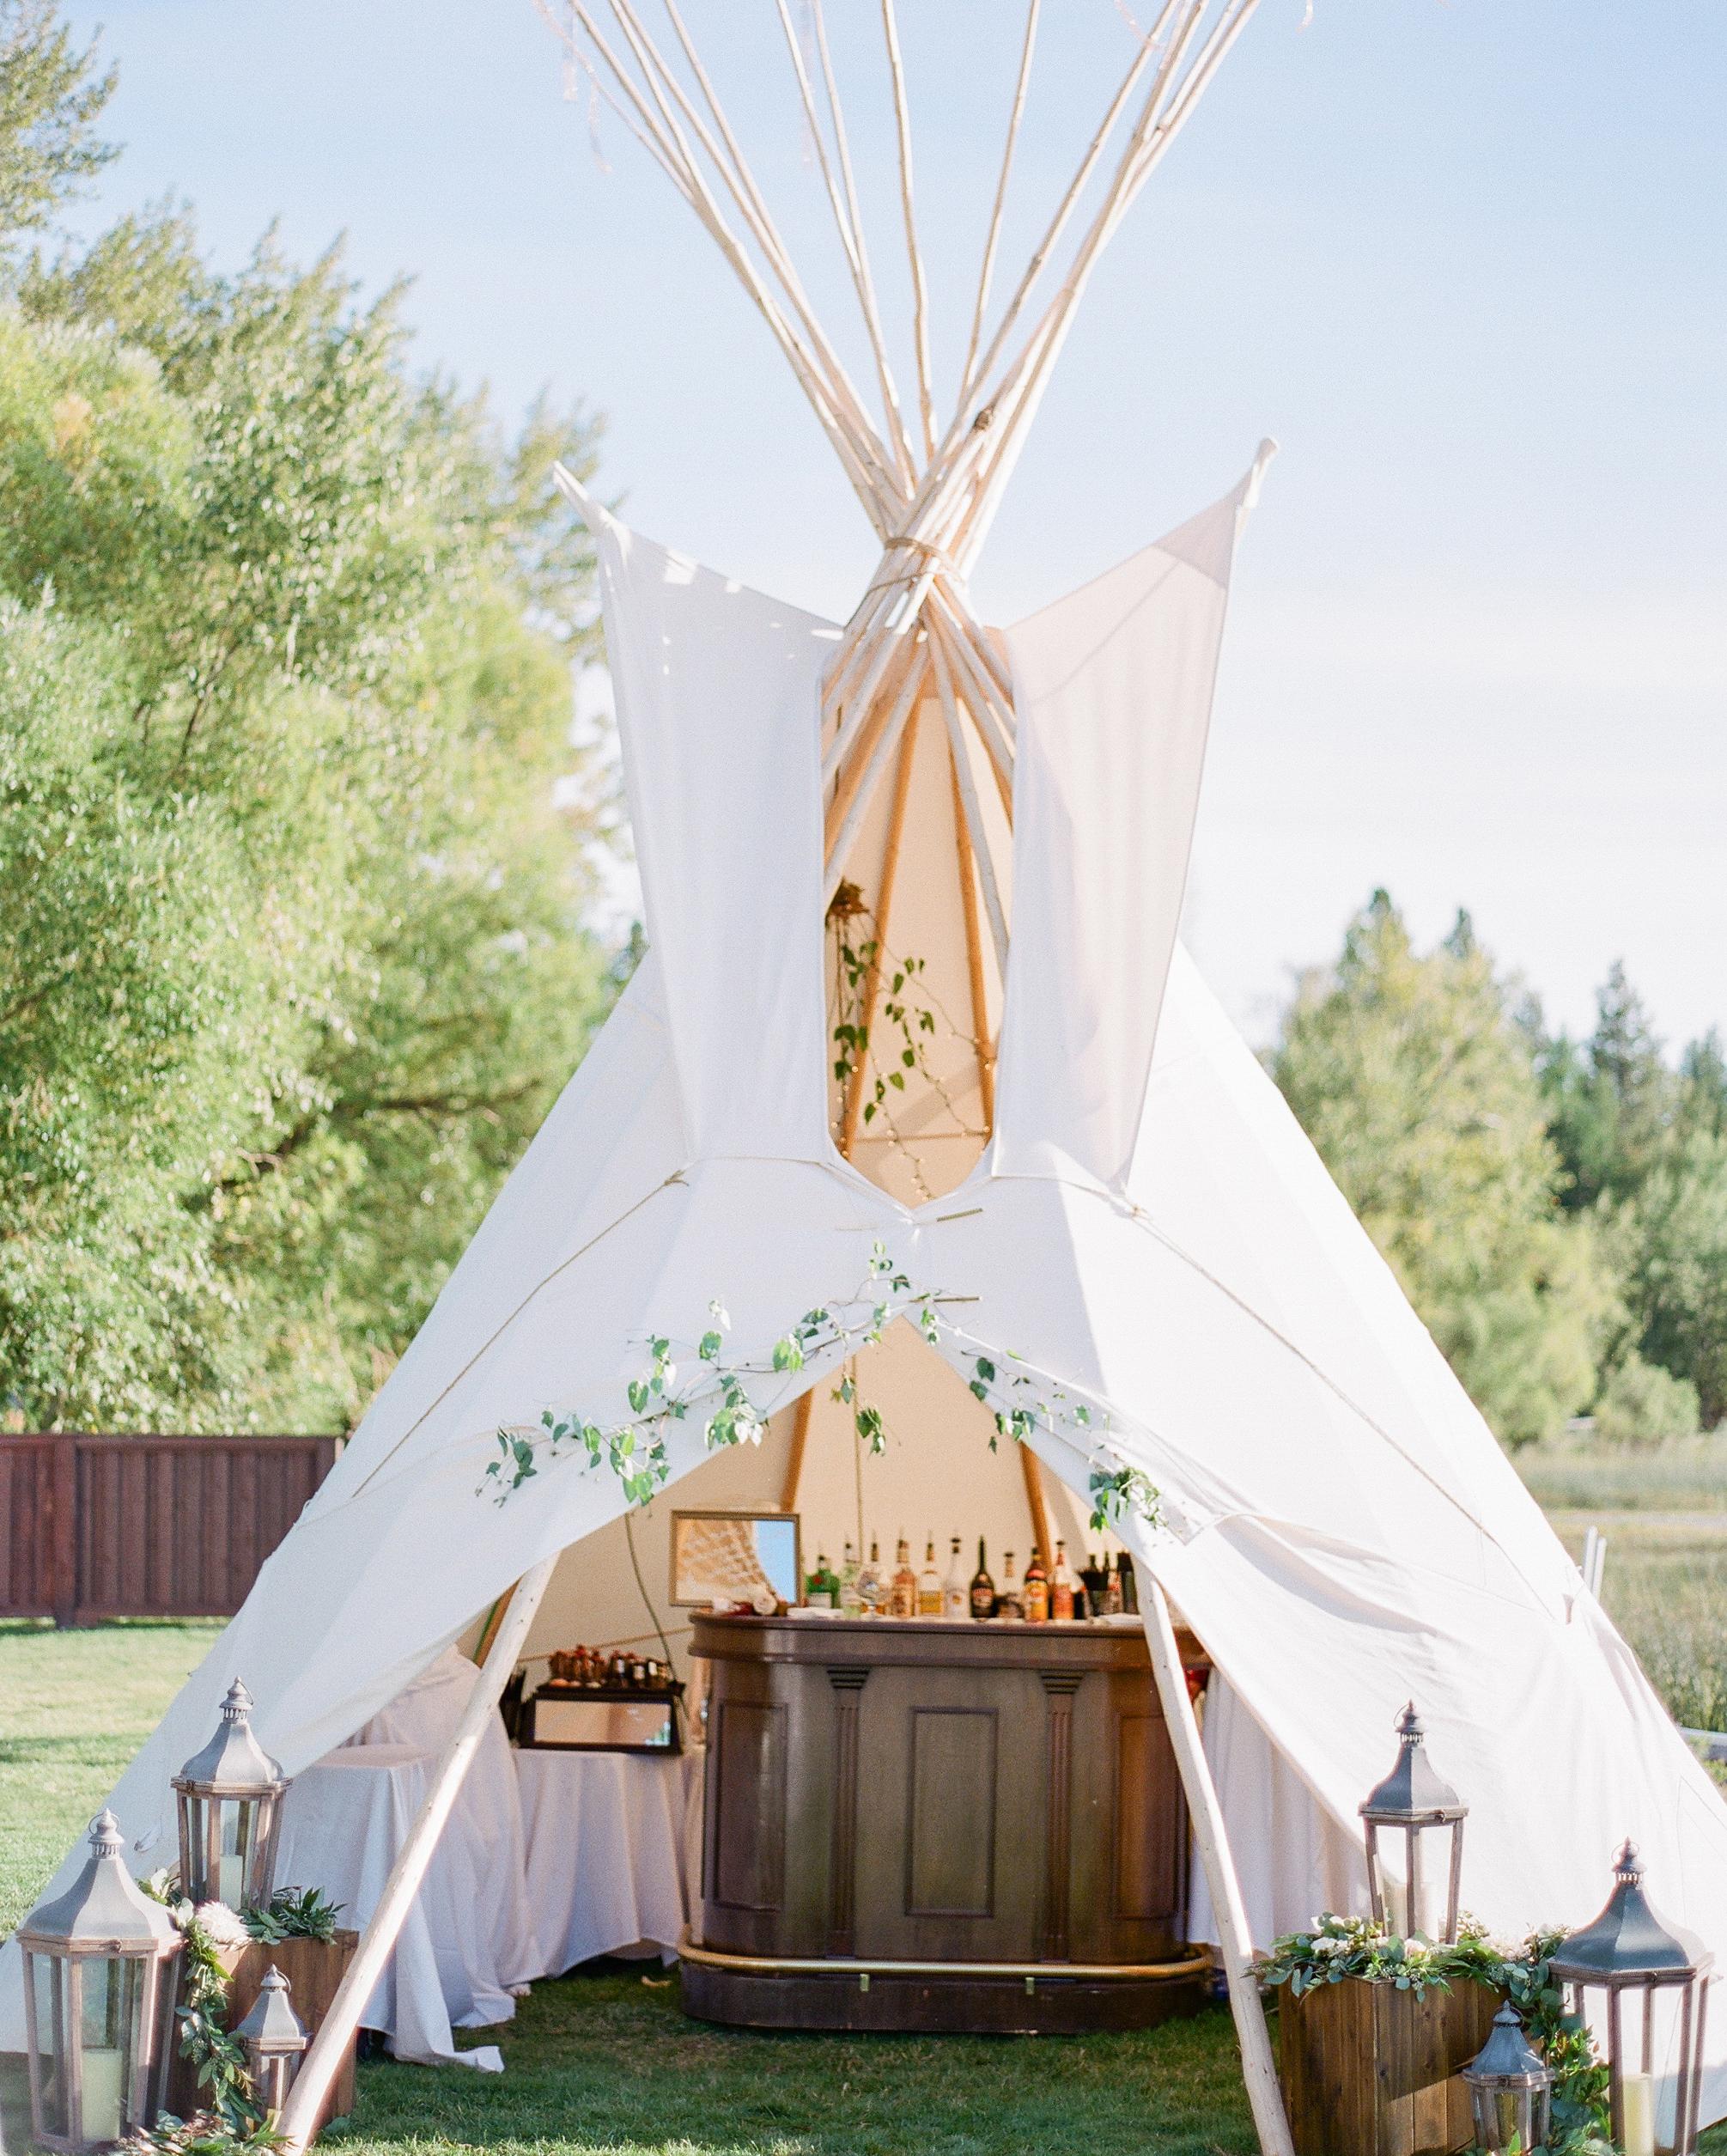 robin-kenny-wedding-teepee-083-s112068-0715.jpg